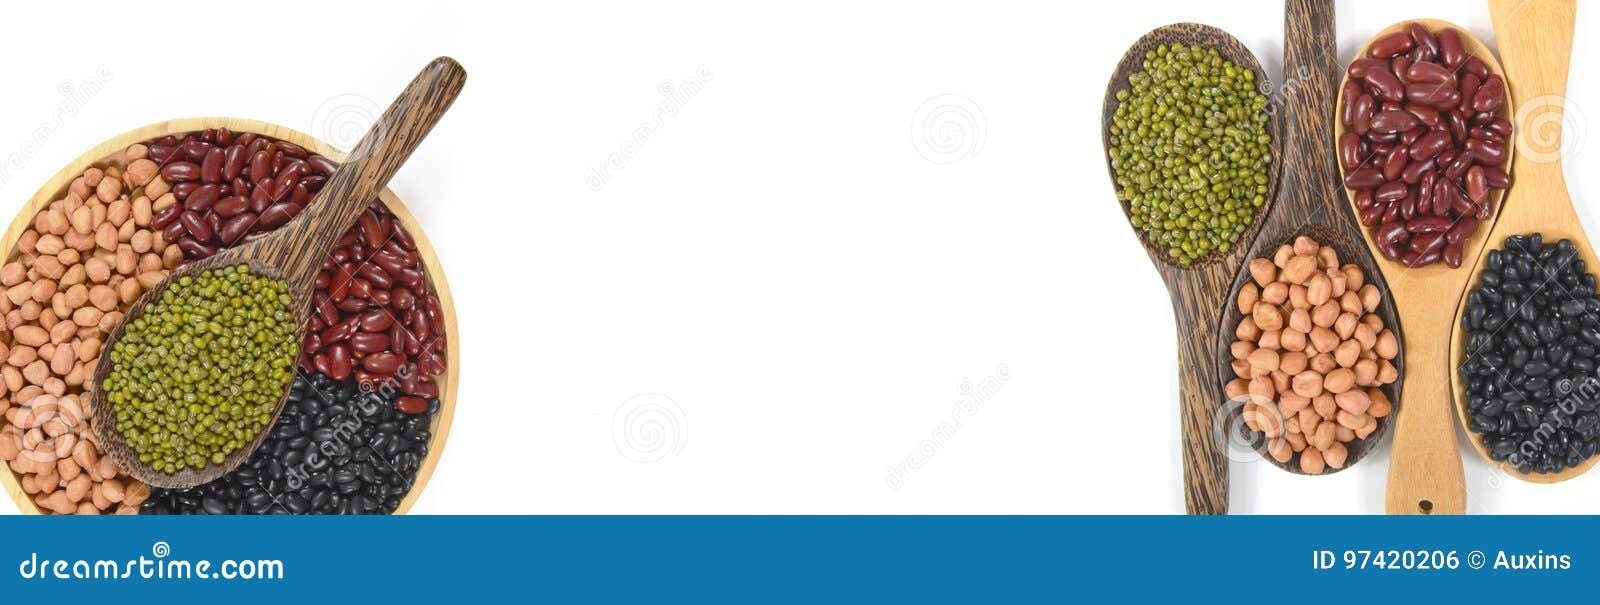 Zaden beansBlack Boon, Rode Boon, Pinda en Mung Boon nuttig voor gezondheid in houten lepels op witte achtergrond voor banner